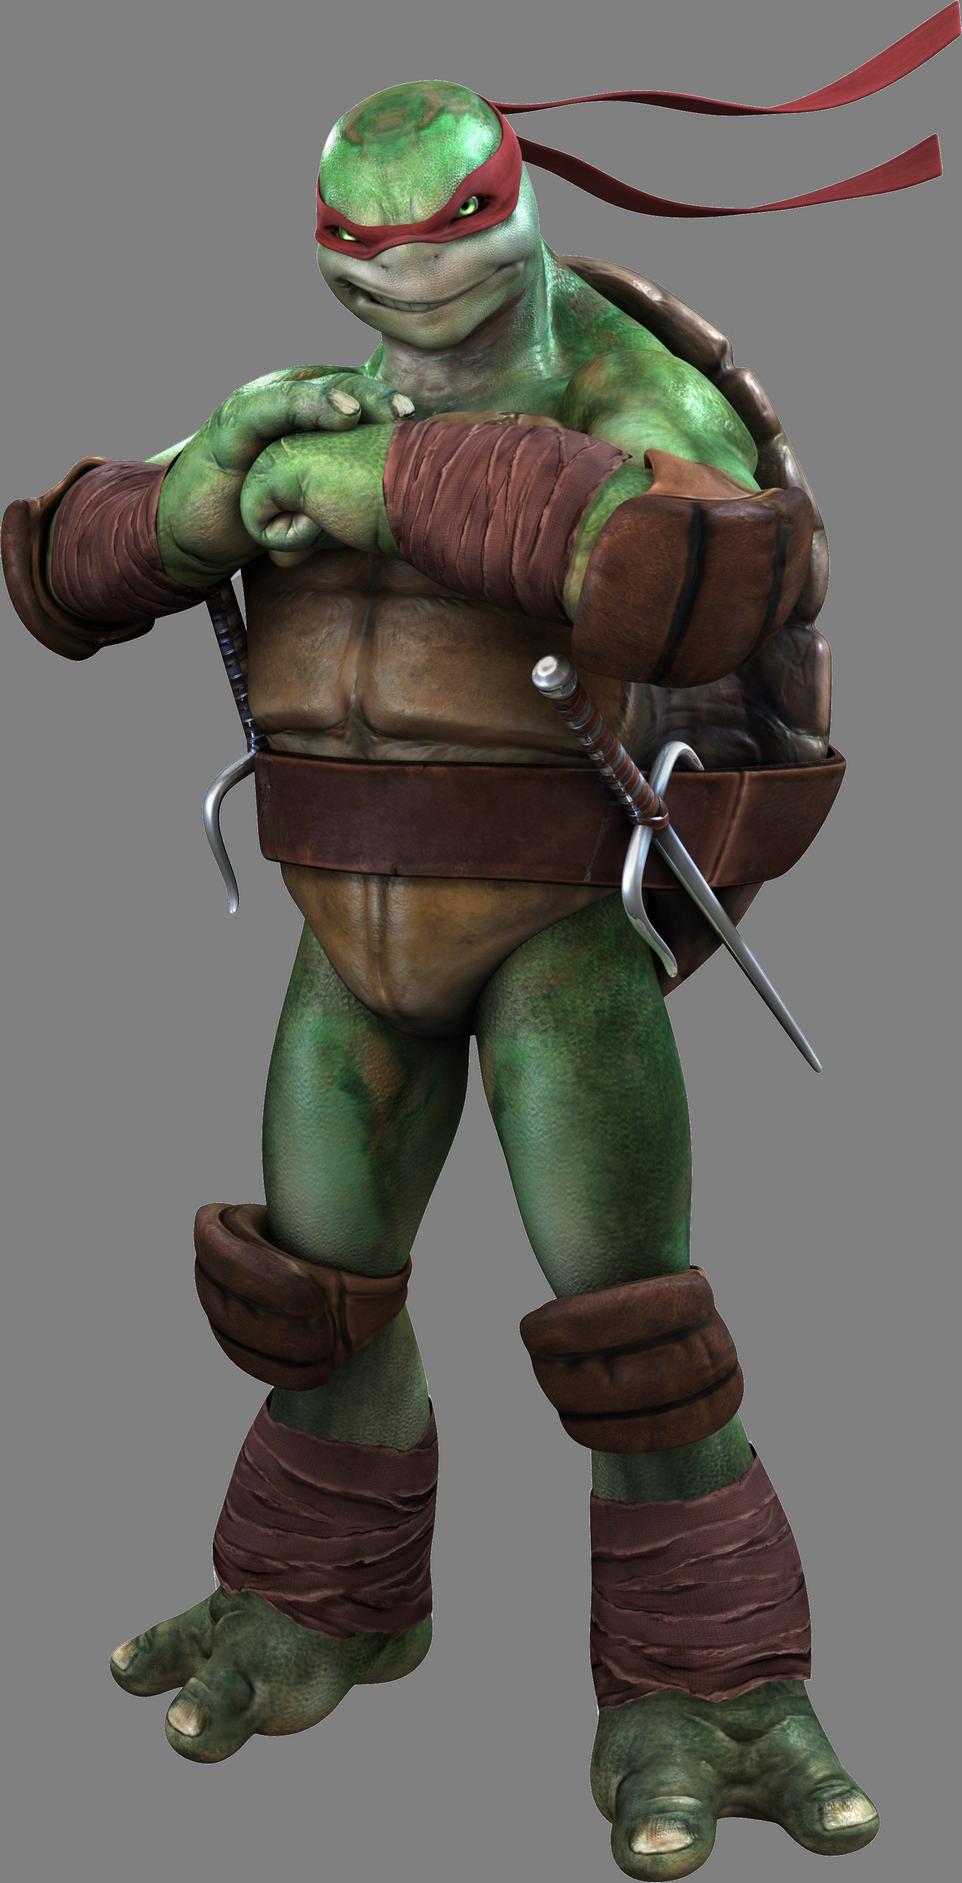 Ninja Turtle Png Image Tmnt Ninja Turtles Teenage Ninja Turtles